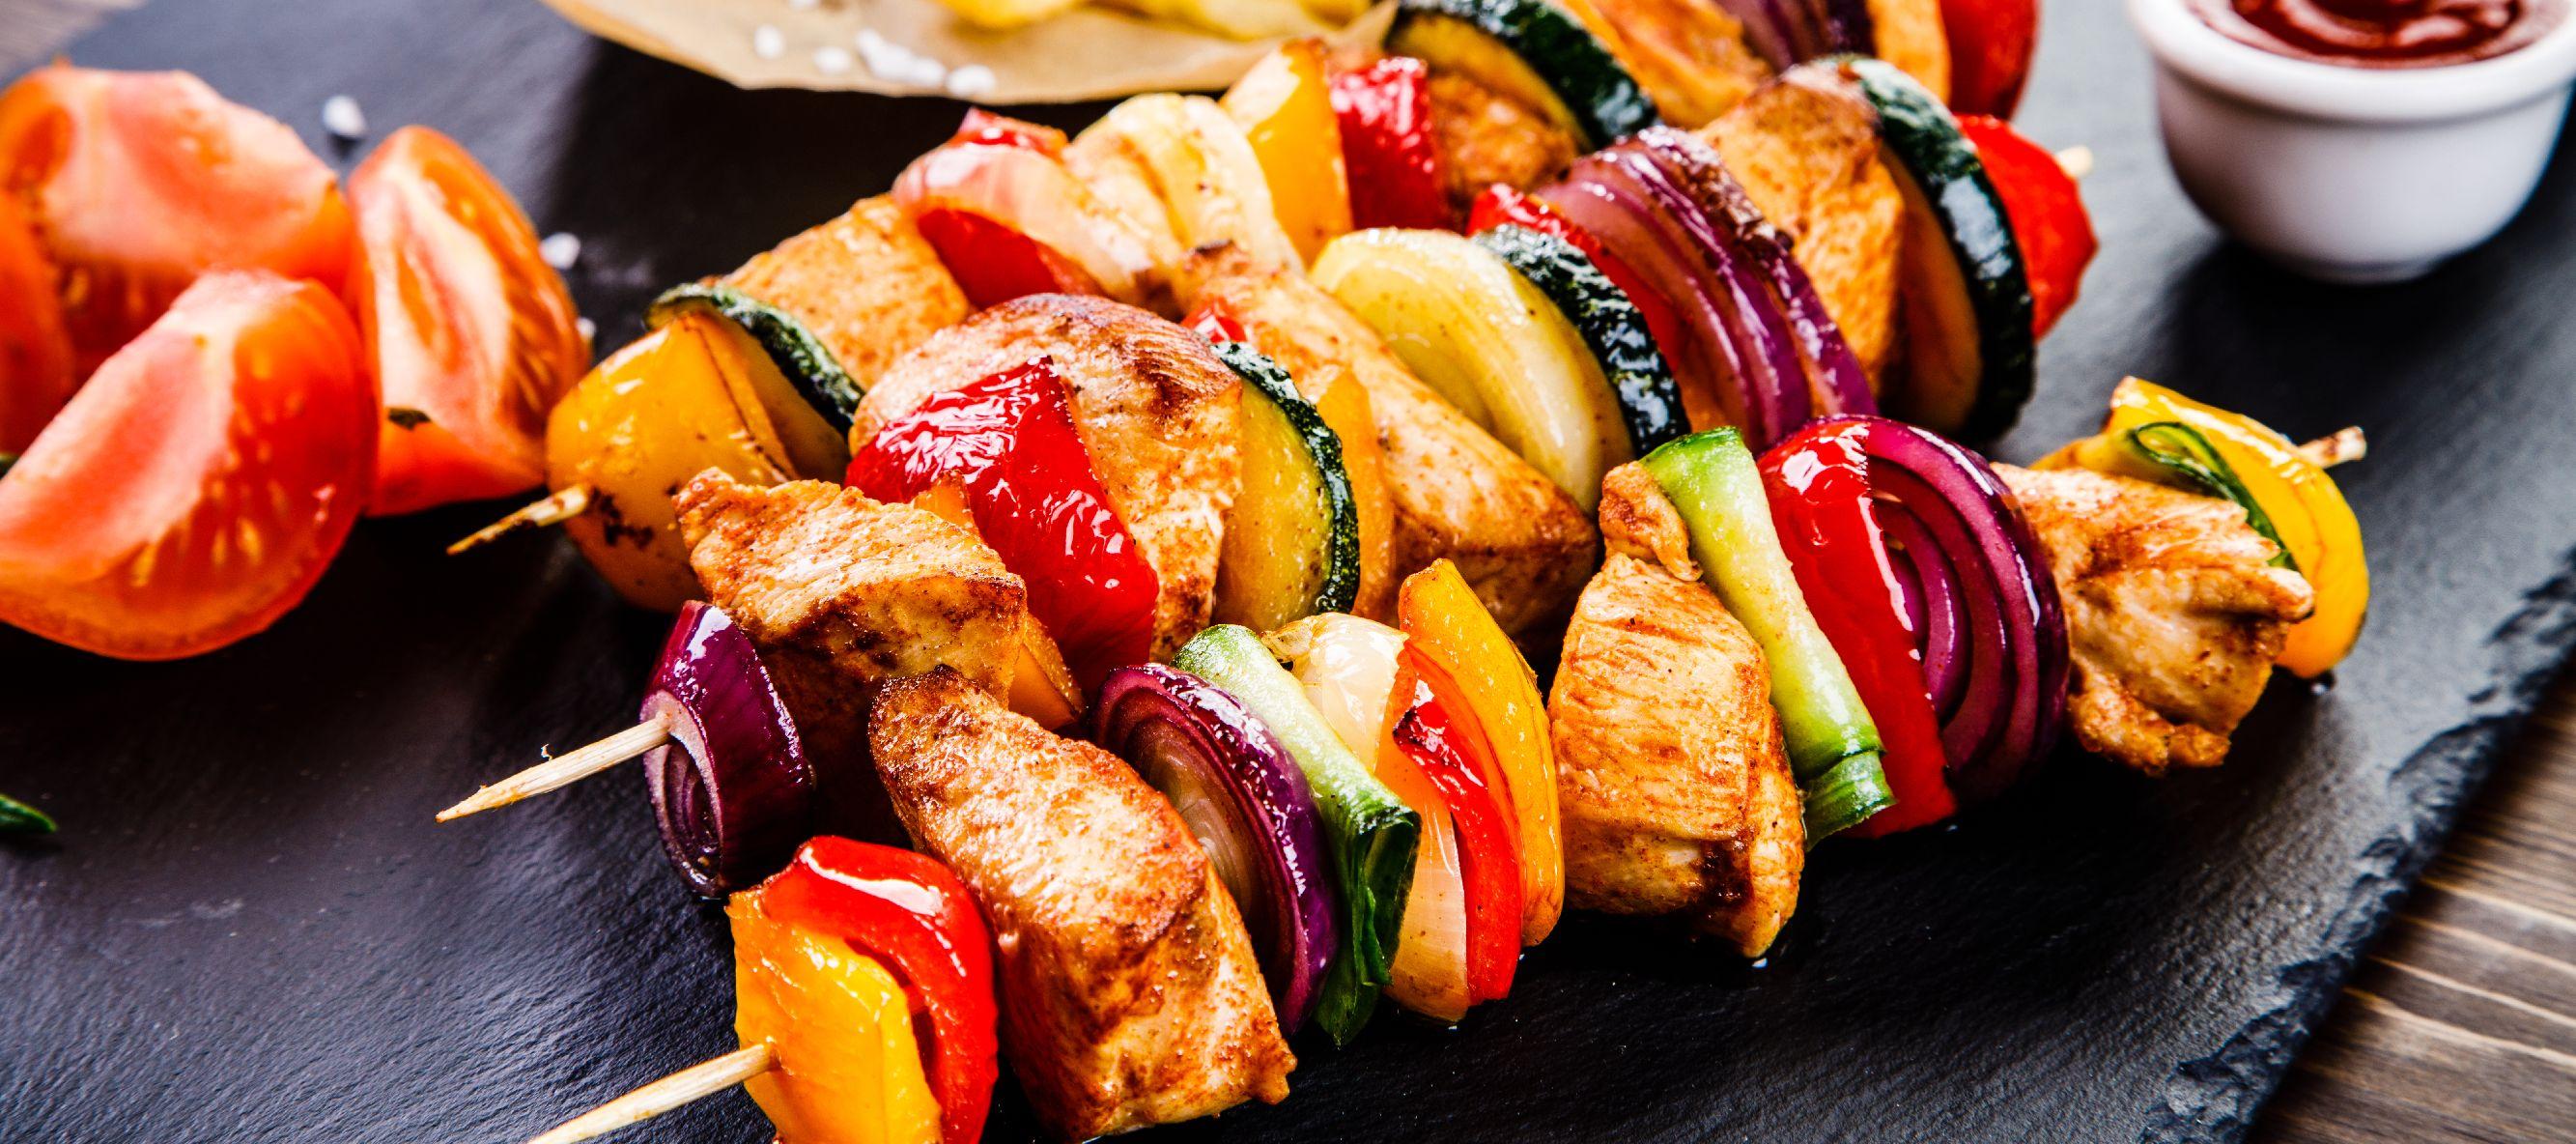 Brochetas de pollo con queso feta y alcachofa